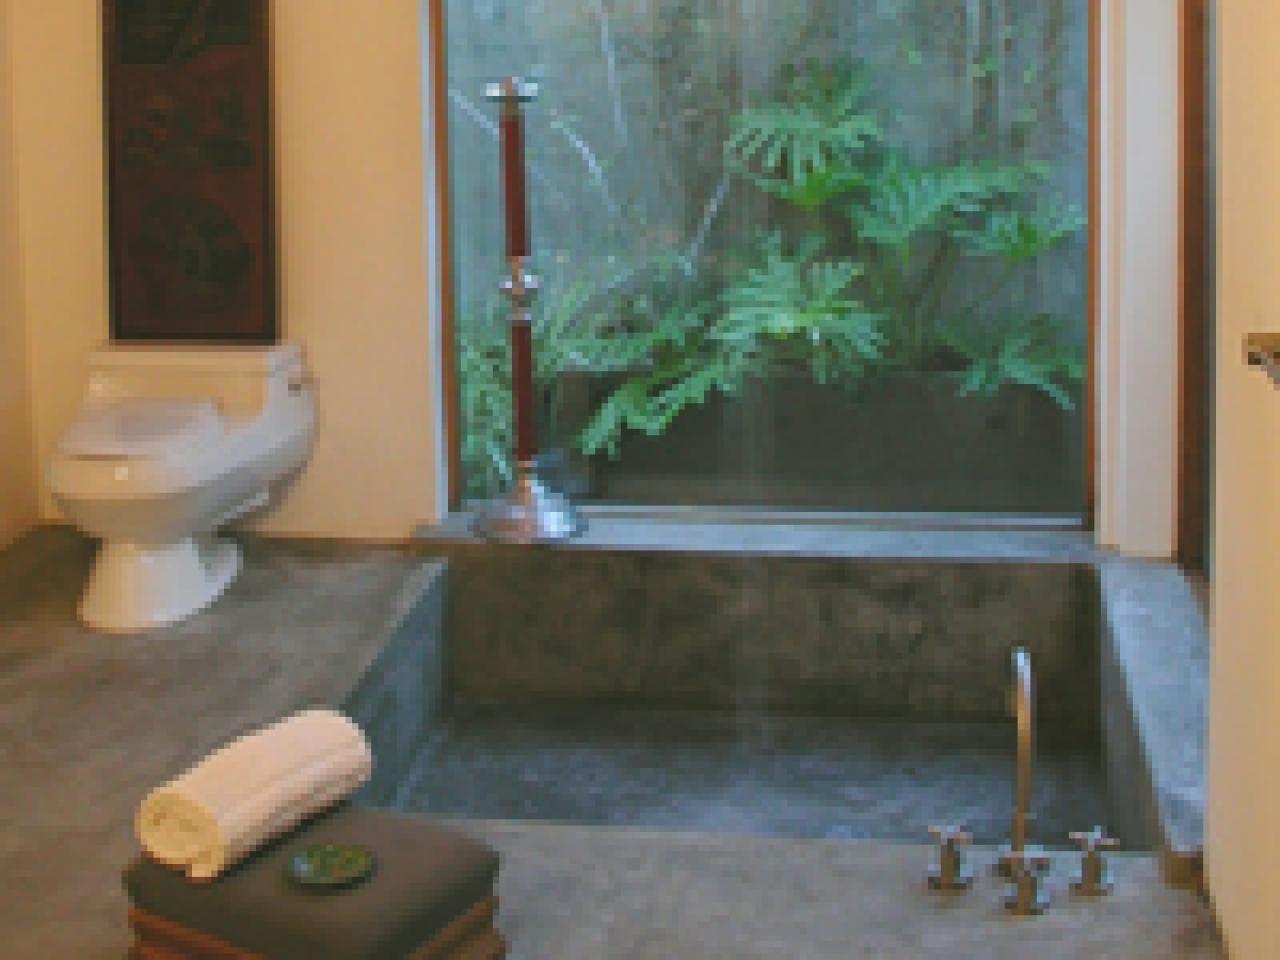 Zen Master Bathroom Designs on zen bedroom, garden master bathroom, stone master bathroom, women master bathroom, white master bathroom, orange master bathroom, teacher bathroom, rustic master bathroom, minimalist master bathroom, spa master bathroom, olive master bathroom, light master bathroom, classic master bathroom, black master bathroom, palermo master bathroom, zen office, chinese master bathroom, home master bathroom, modern master bathroom, christmas master bathroom,